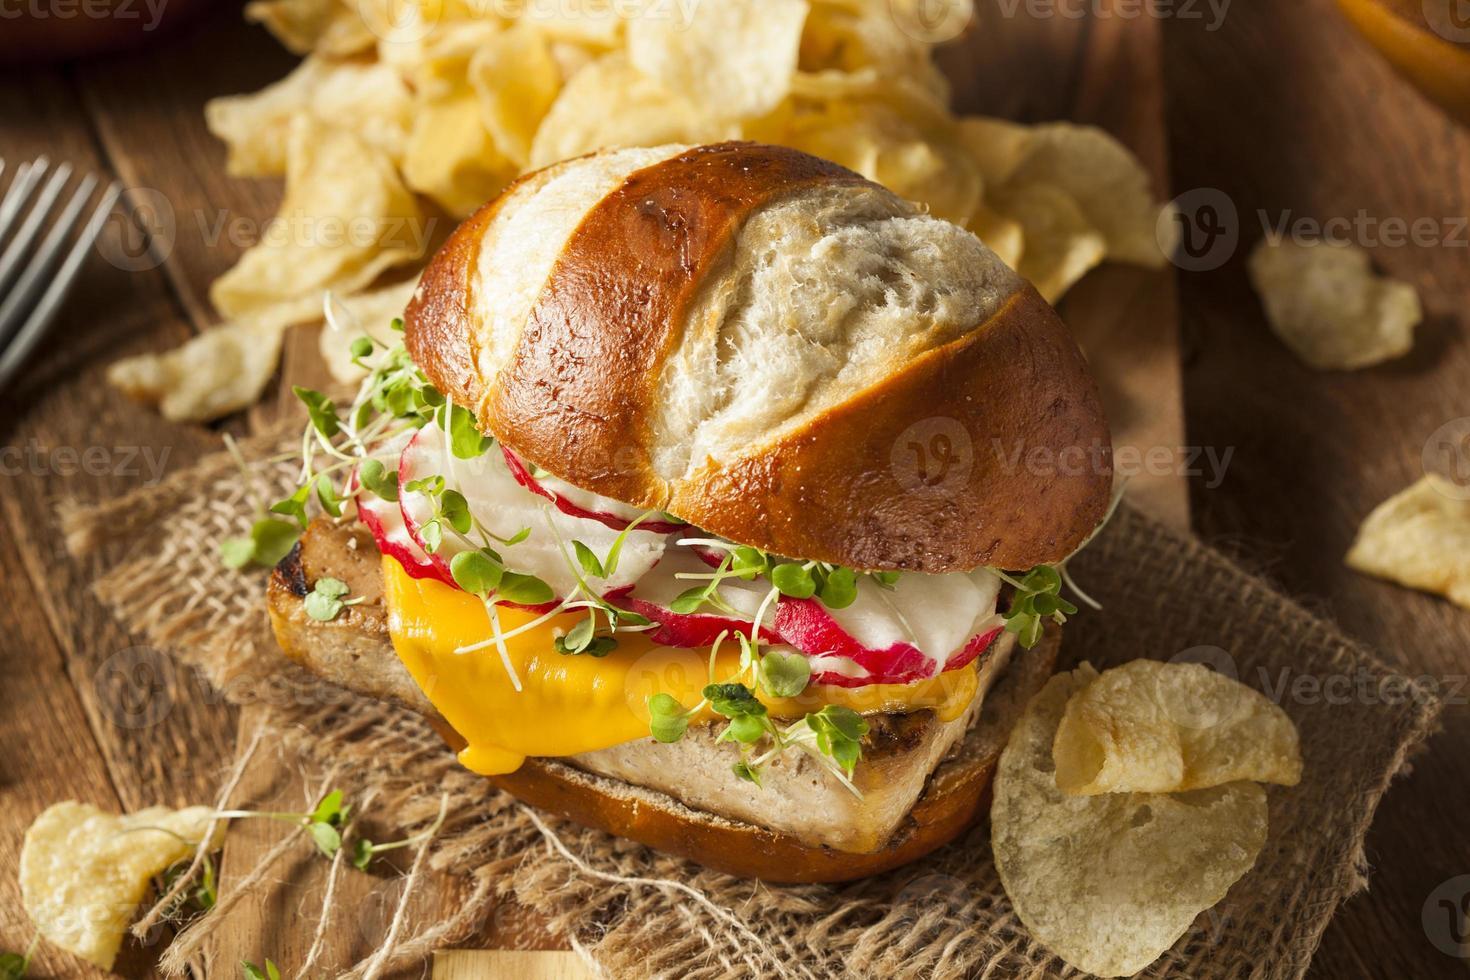 hausgemachter vegetarischer Soja-Tofu-Burger foto